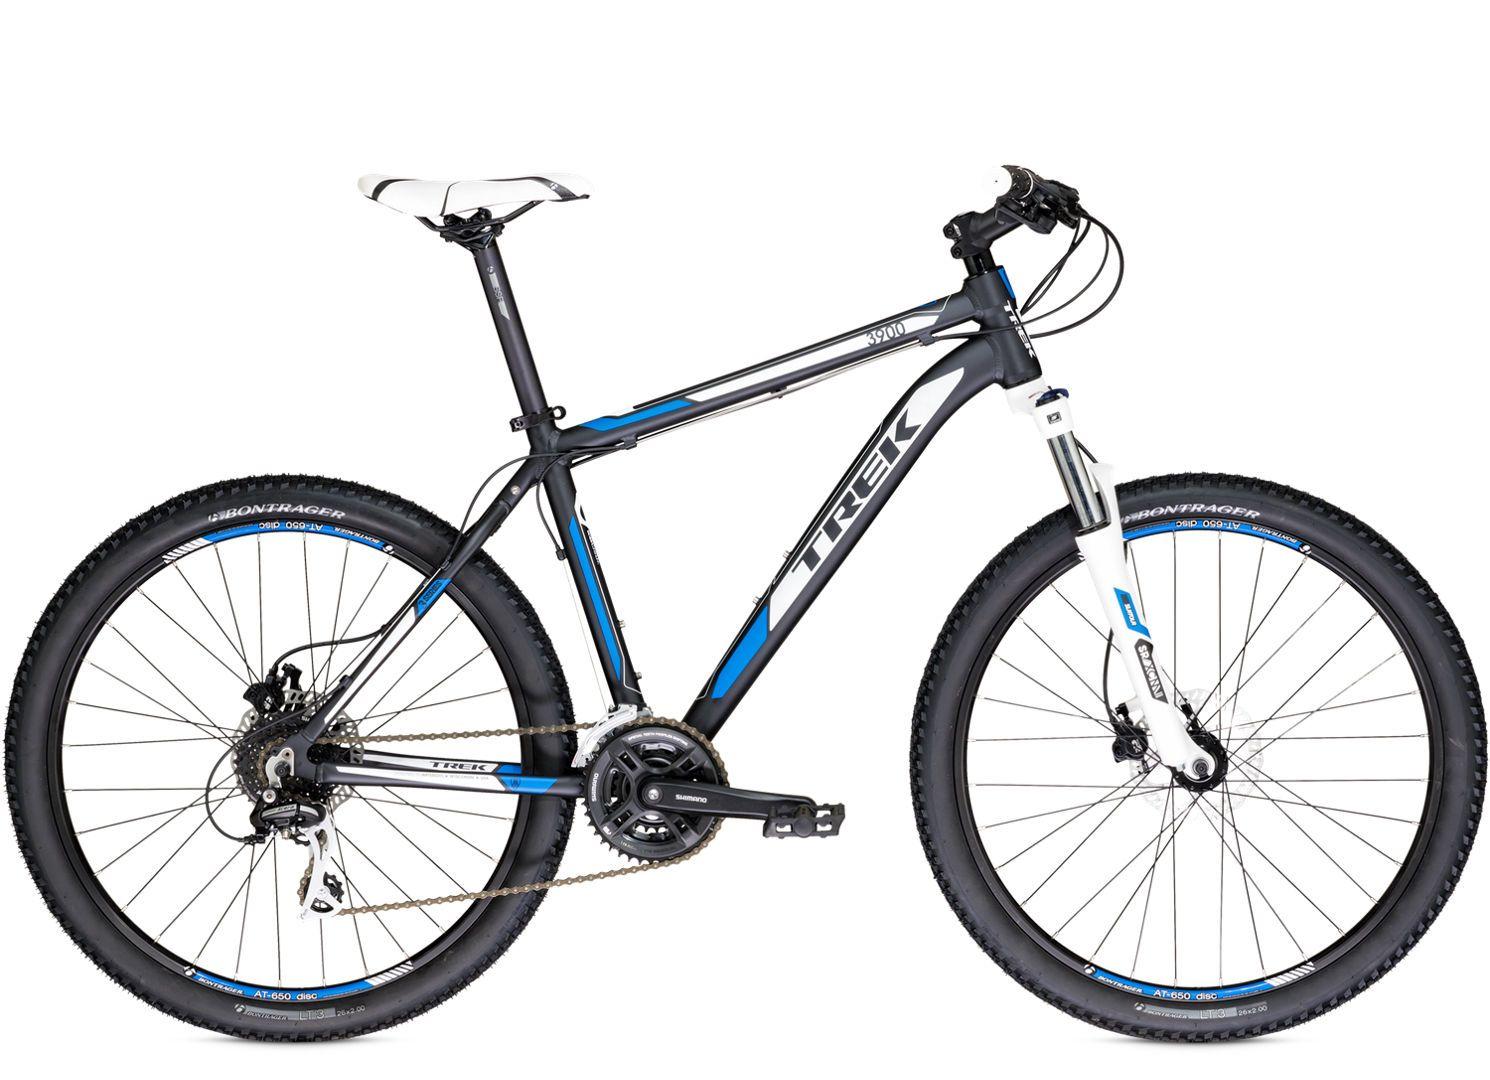 Trek 3900 Disc Mountain Bike 2014 Cross Country Mountain Bike Trek Bikes Trek Mountain Bike